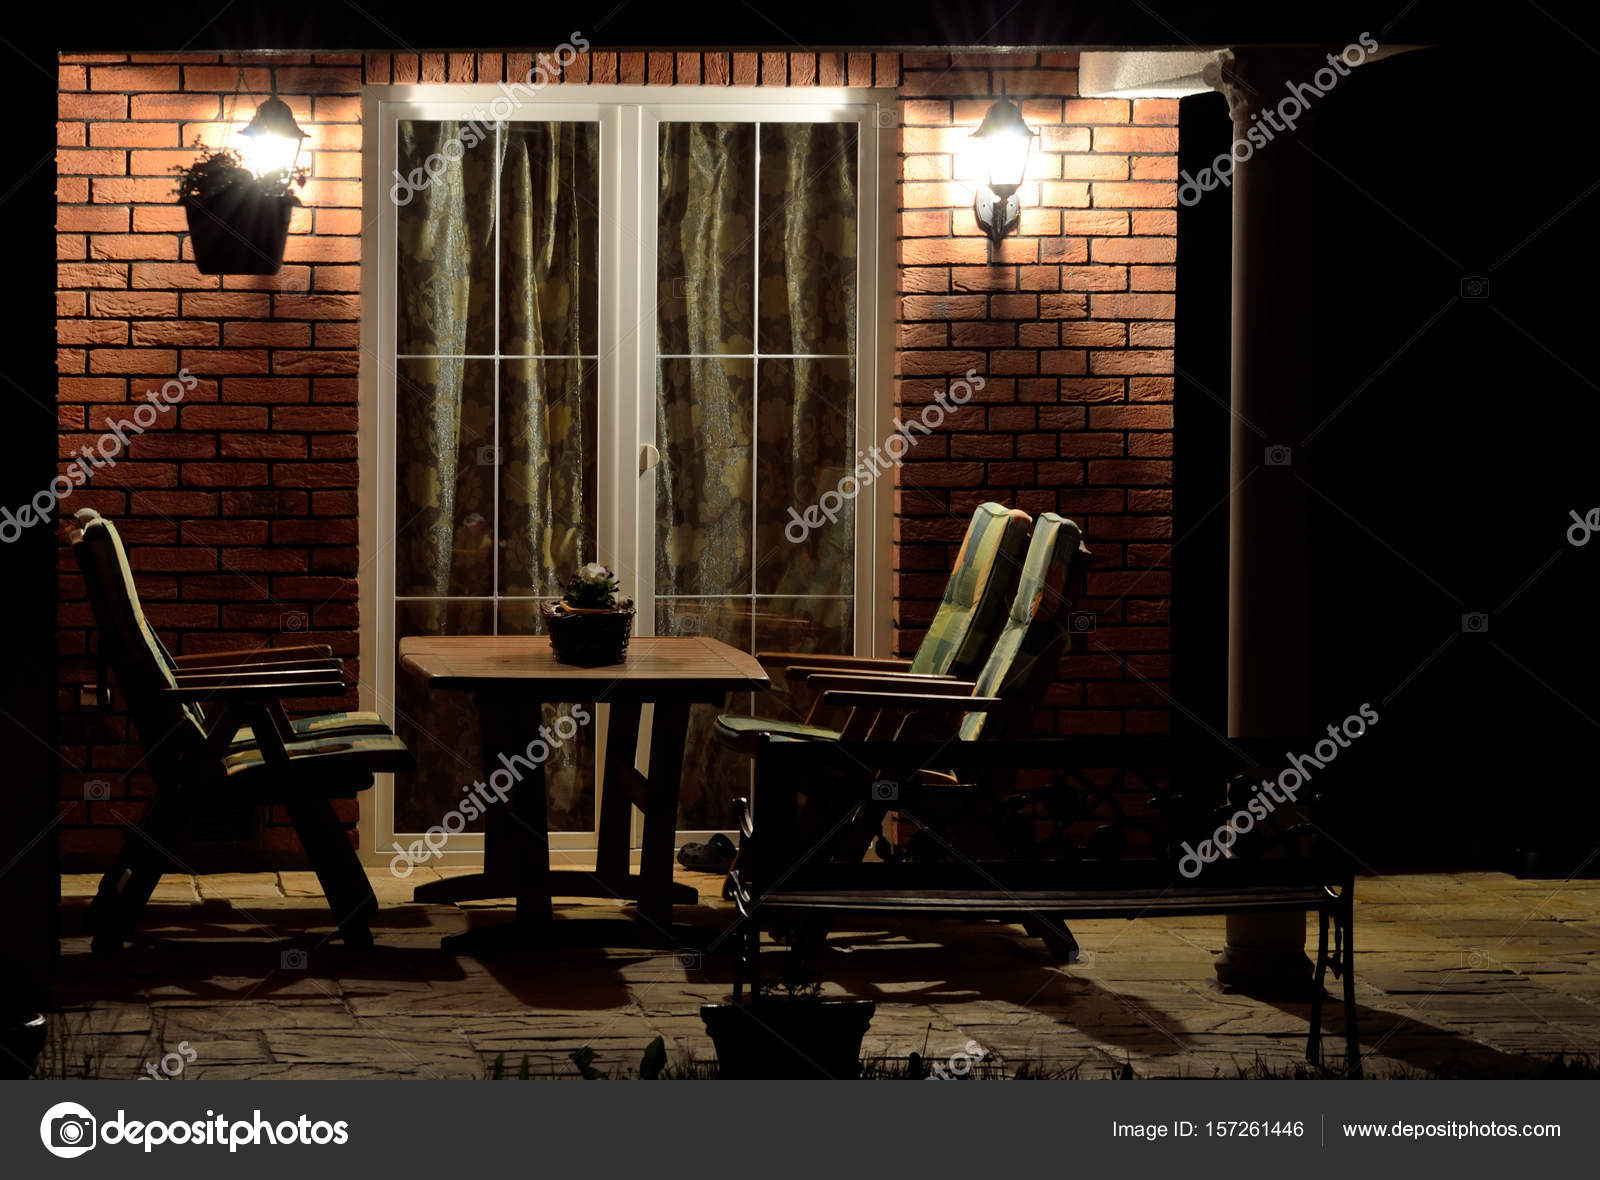 Terraza (patio) de la casa moderna con muebles de jardín en la noche ...